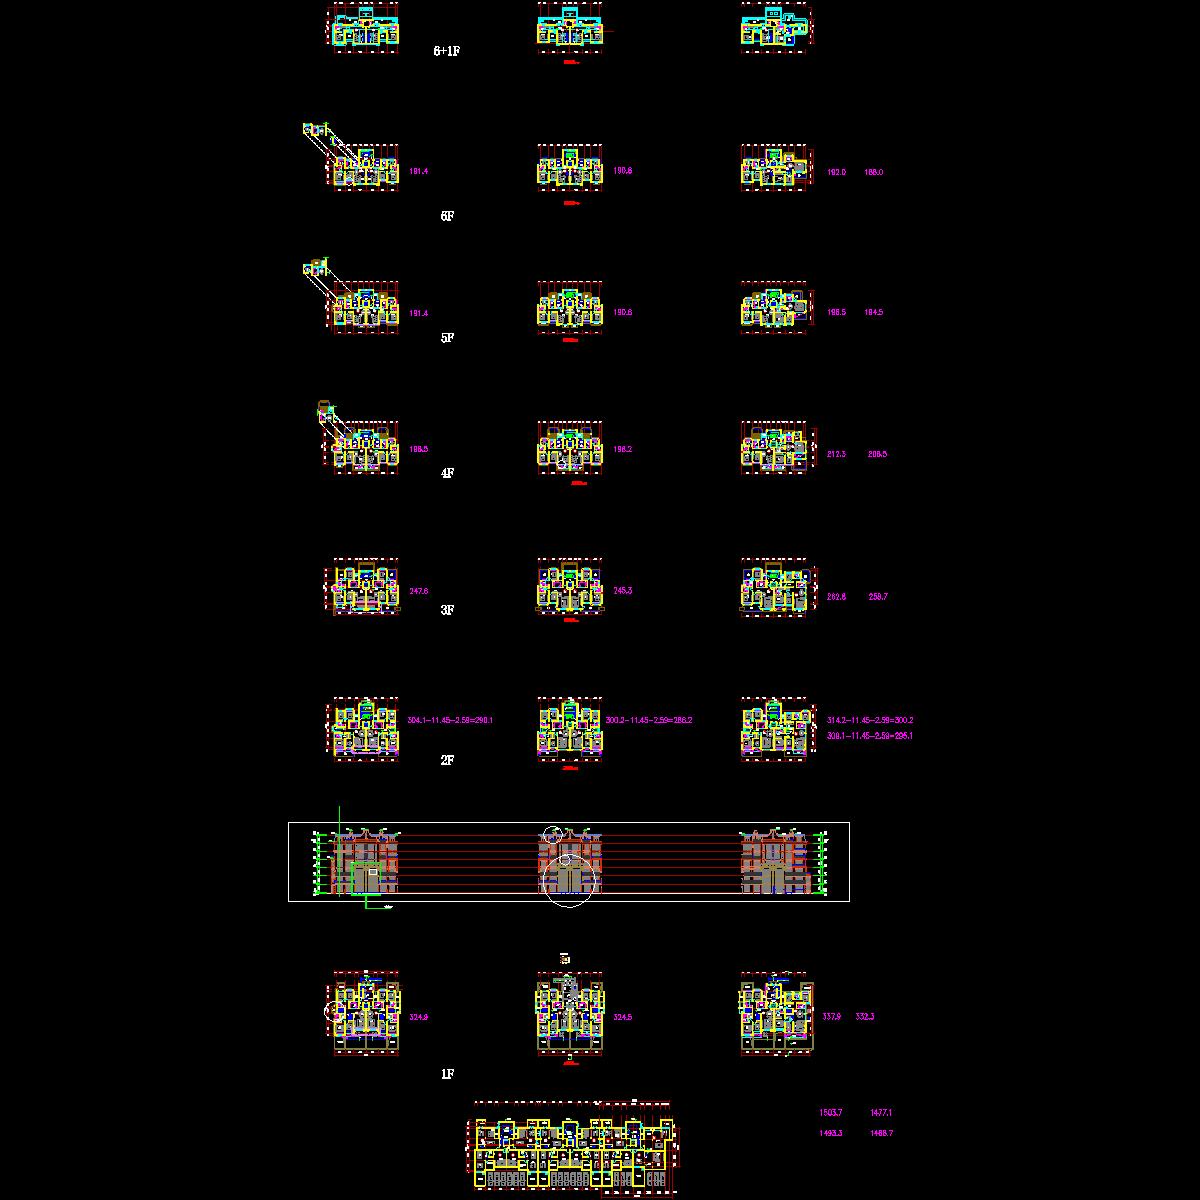 [CAD]知名企业宝山洋房户型设计.dwg